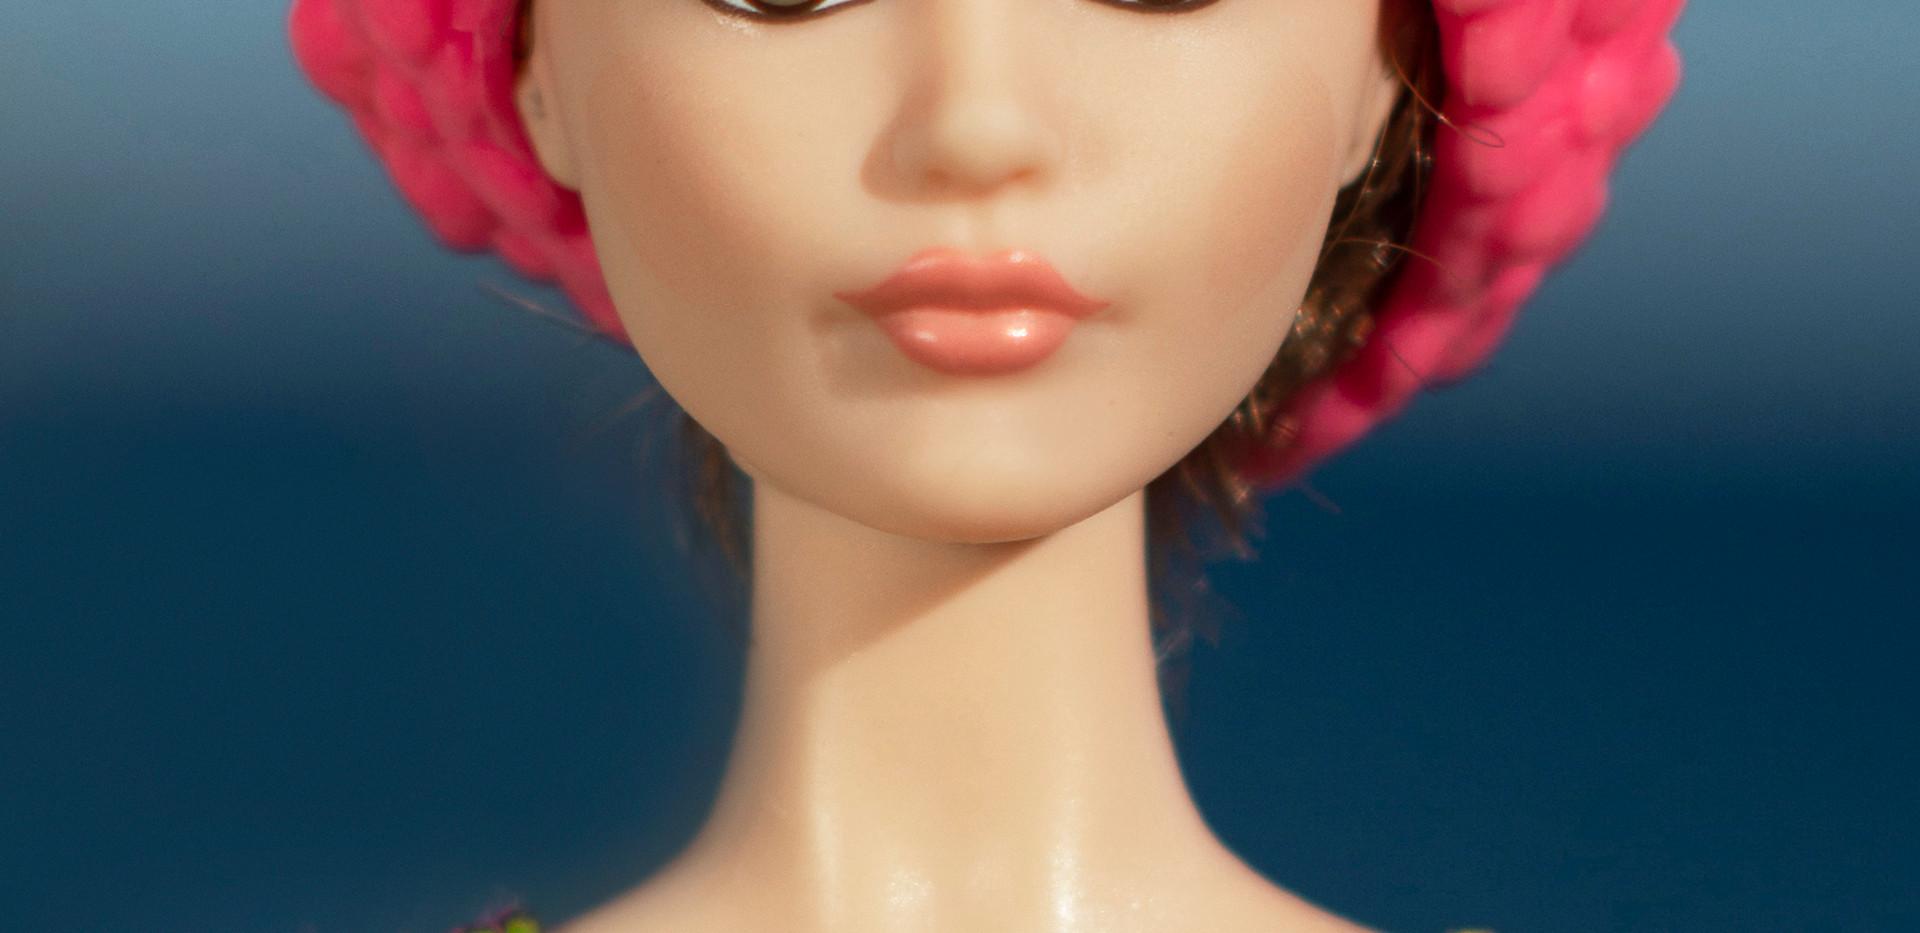 Barbie kupacica.jpg